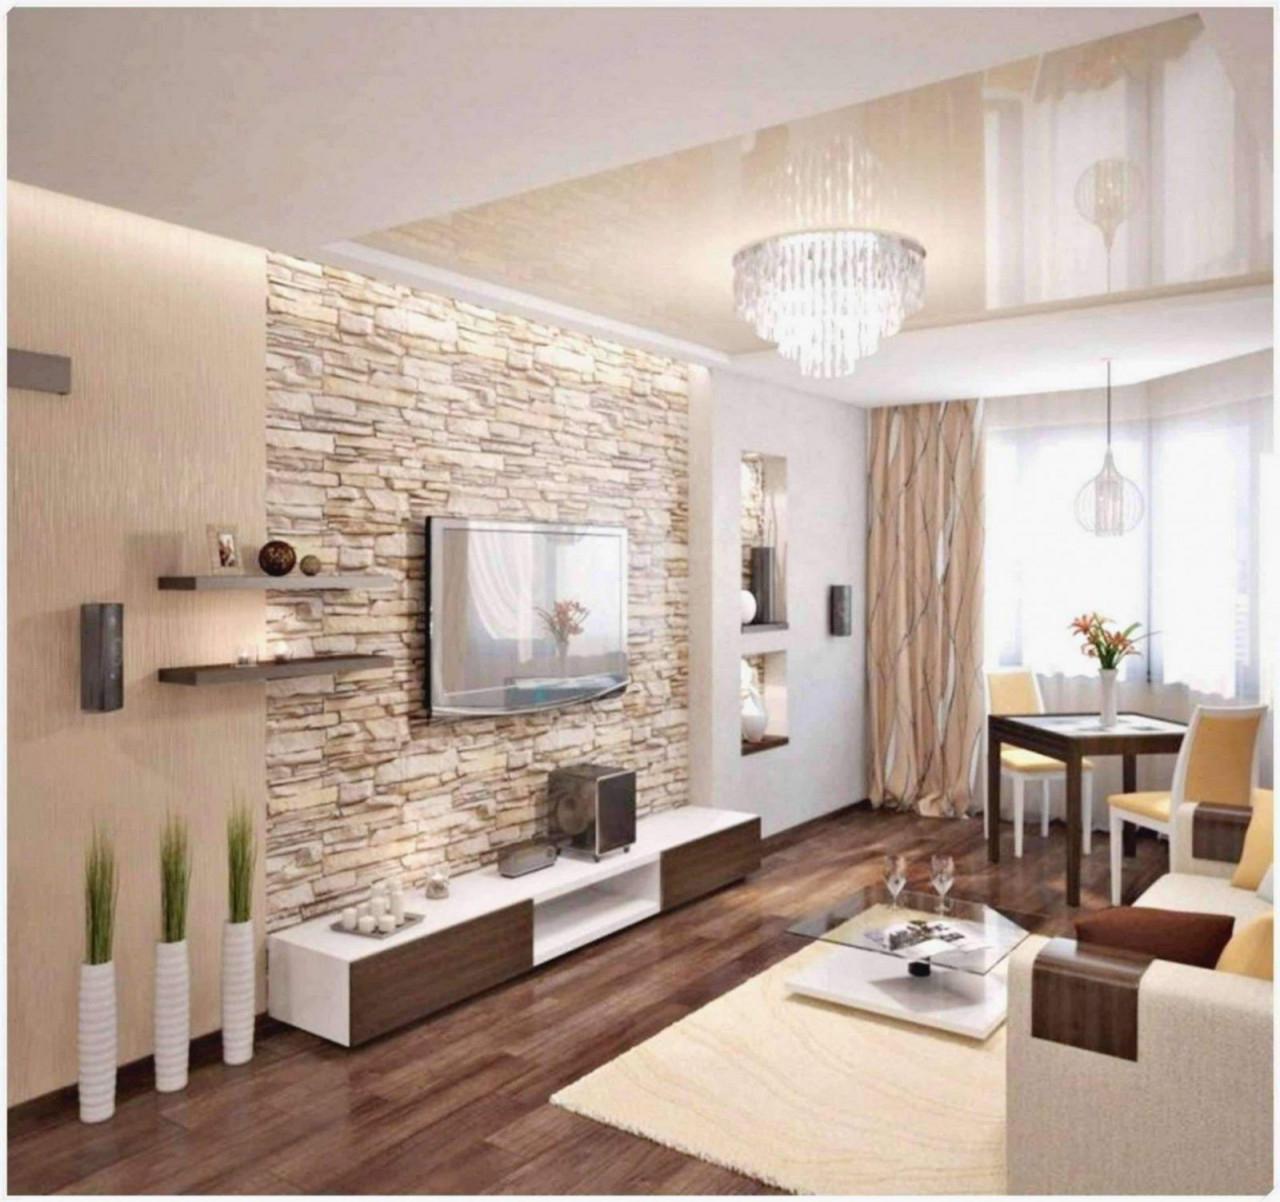 Deko Wand Wohnzimmer Frisch Luxury Dekoration Wohnzimmer Von von Deko Für Wohnzimmer Wand Photo